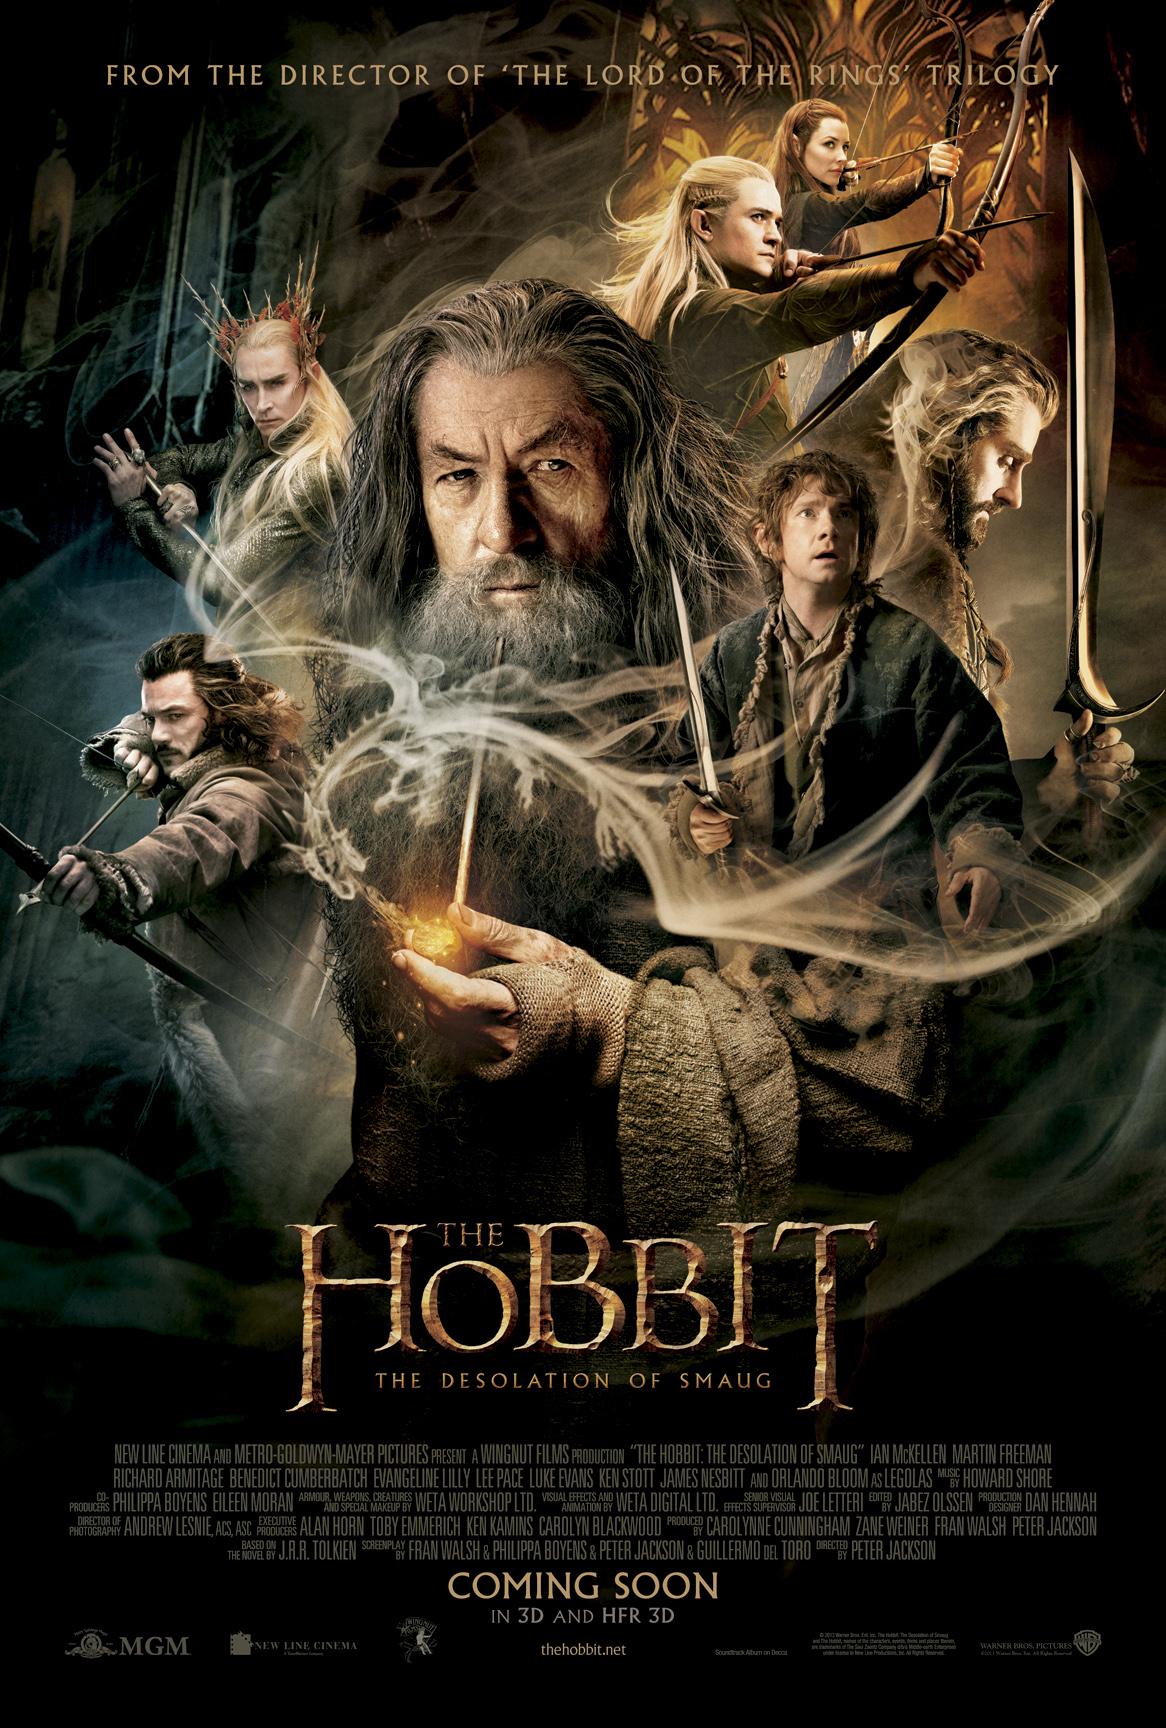 El Hobbit - Página 12 ImagesTHDOS_campaignart